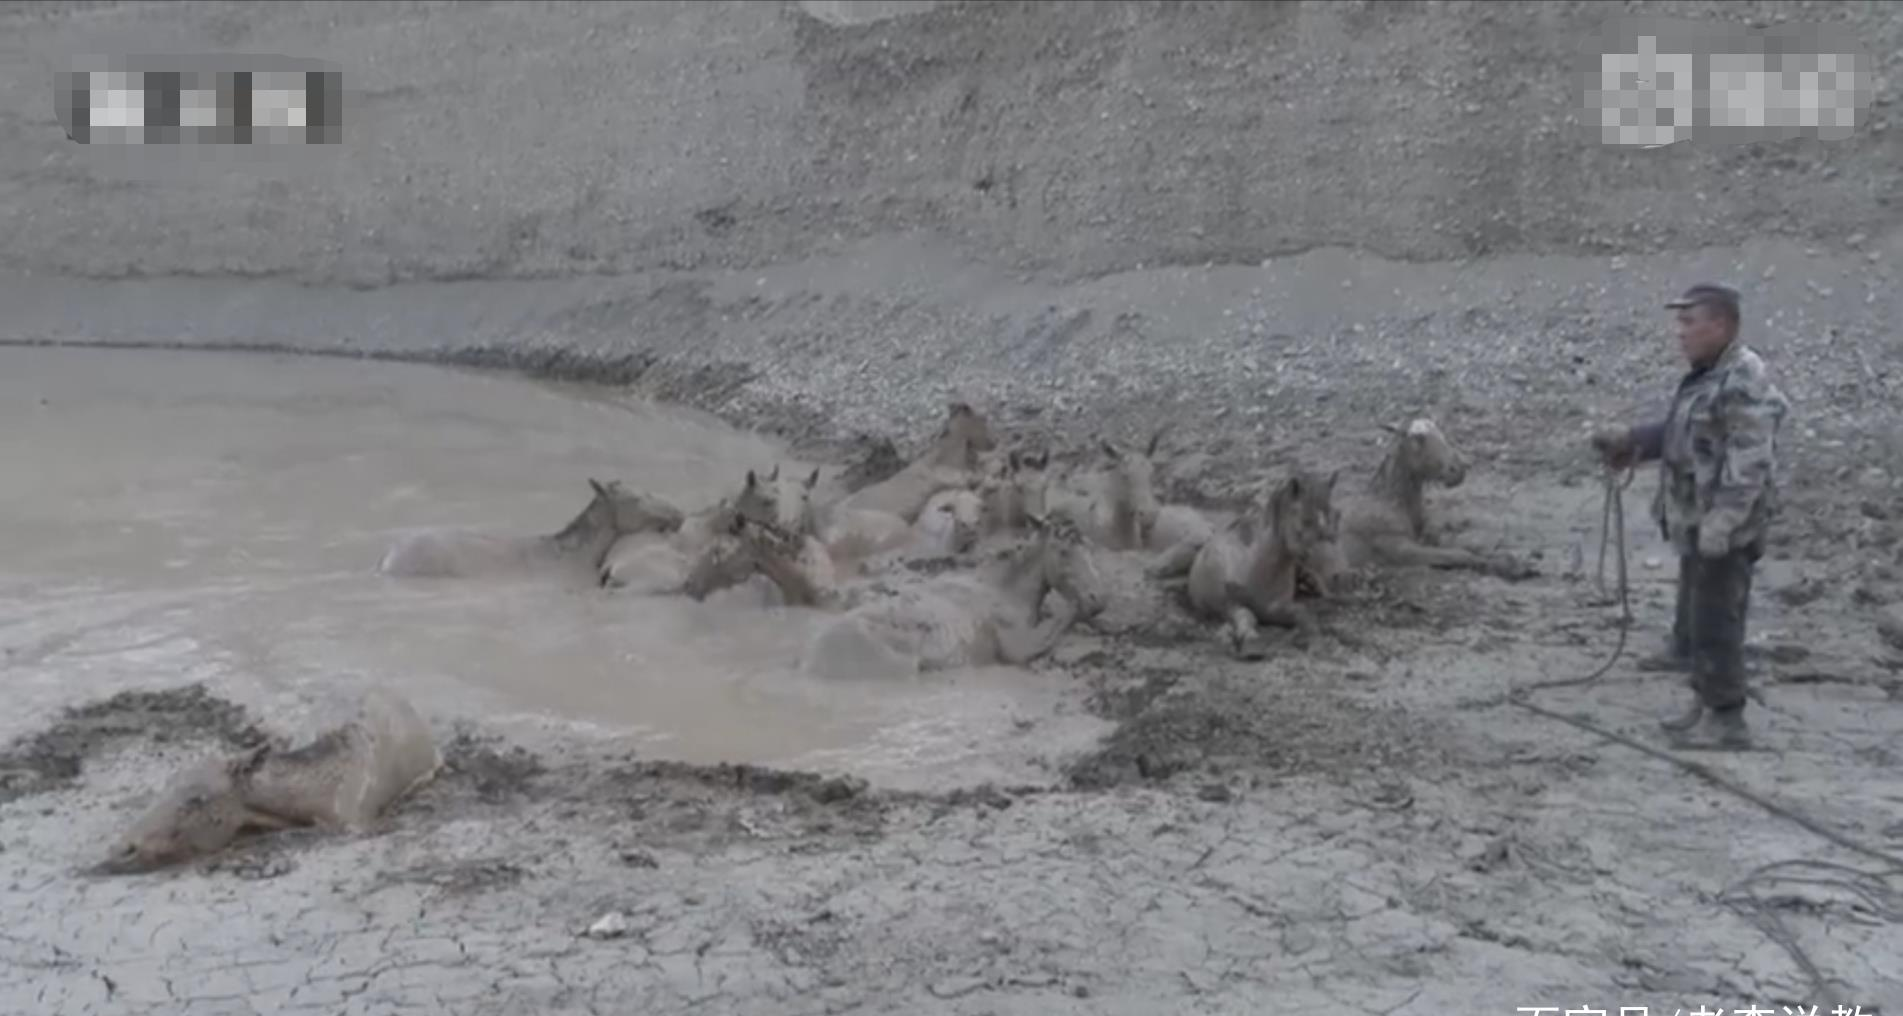 新疆塔城一次特殊救援,将18匹苏昭马从泥潭中救出